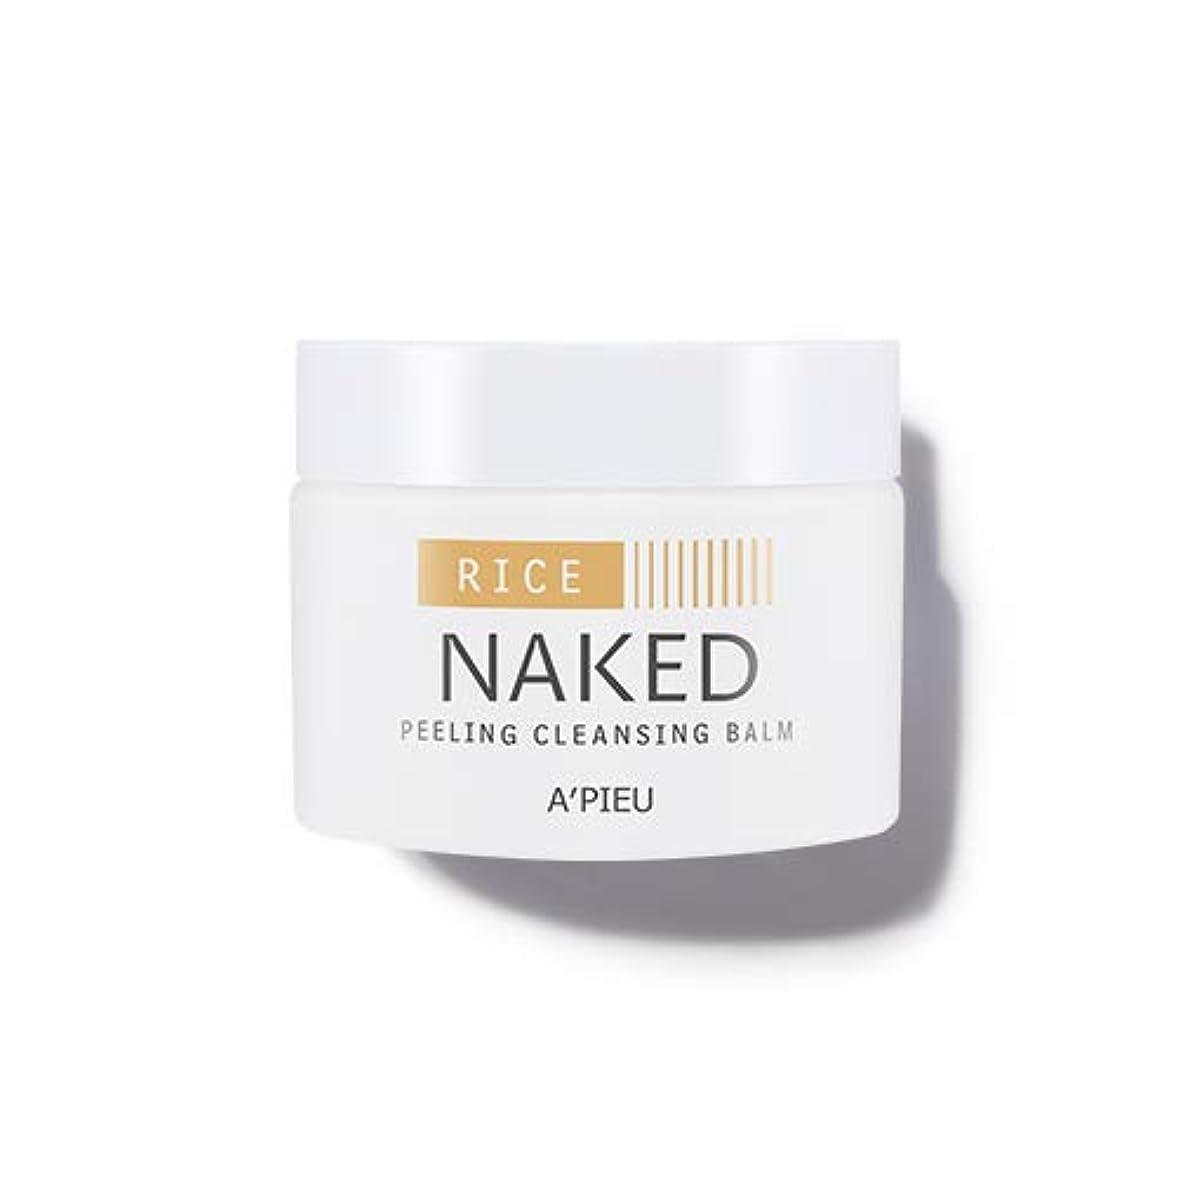 しわメディカル振り返るアピュ ネイキッド ピーリング クレンジング バーム 45g / APIEU Naked Peeling Cleansing Balm [並行輸入品]